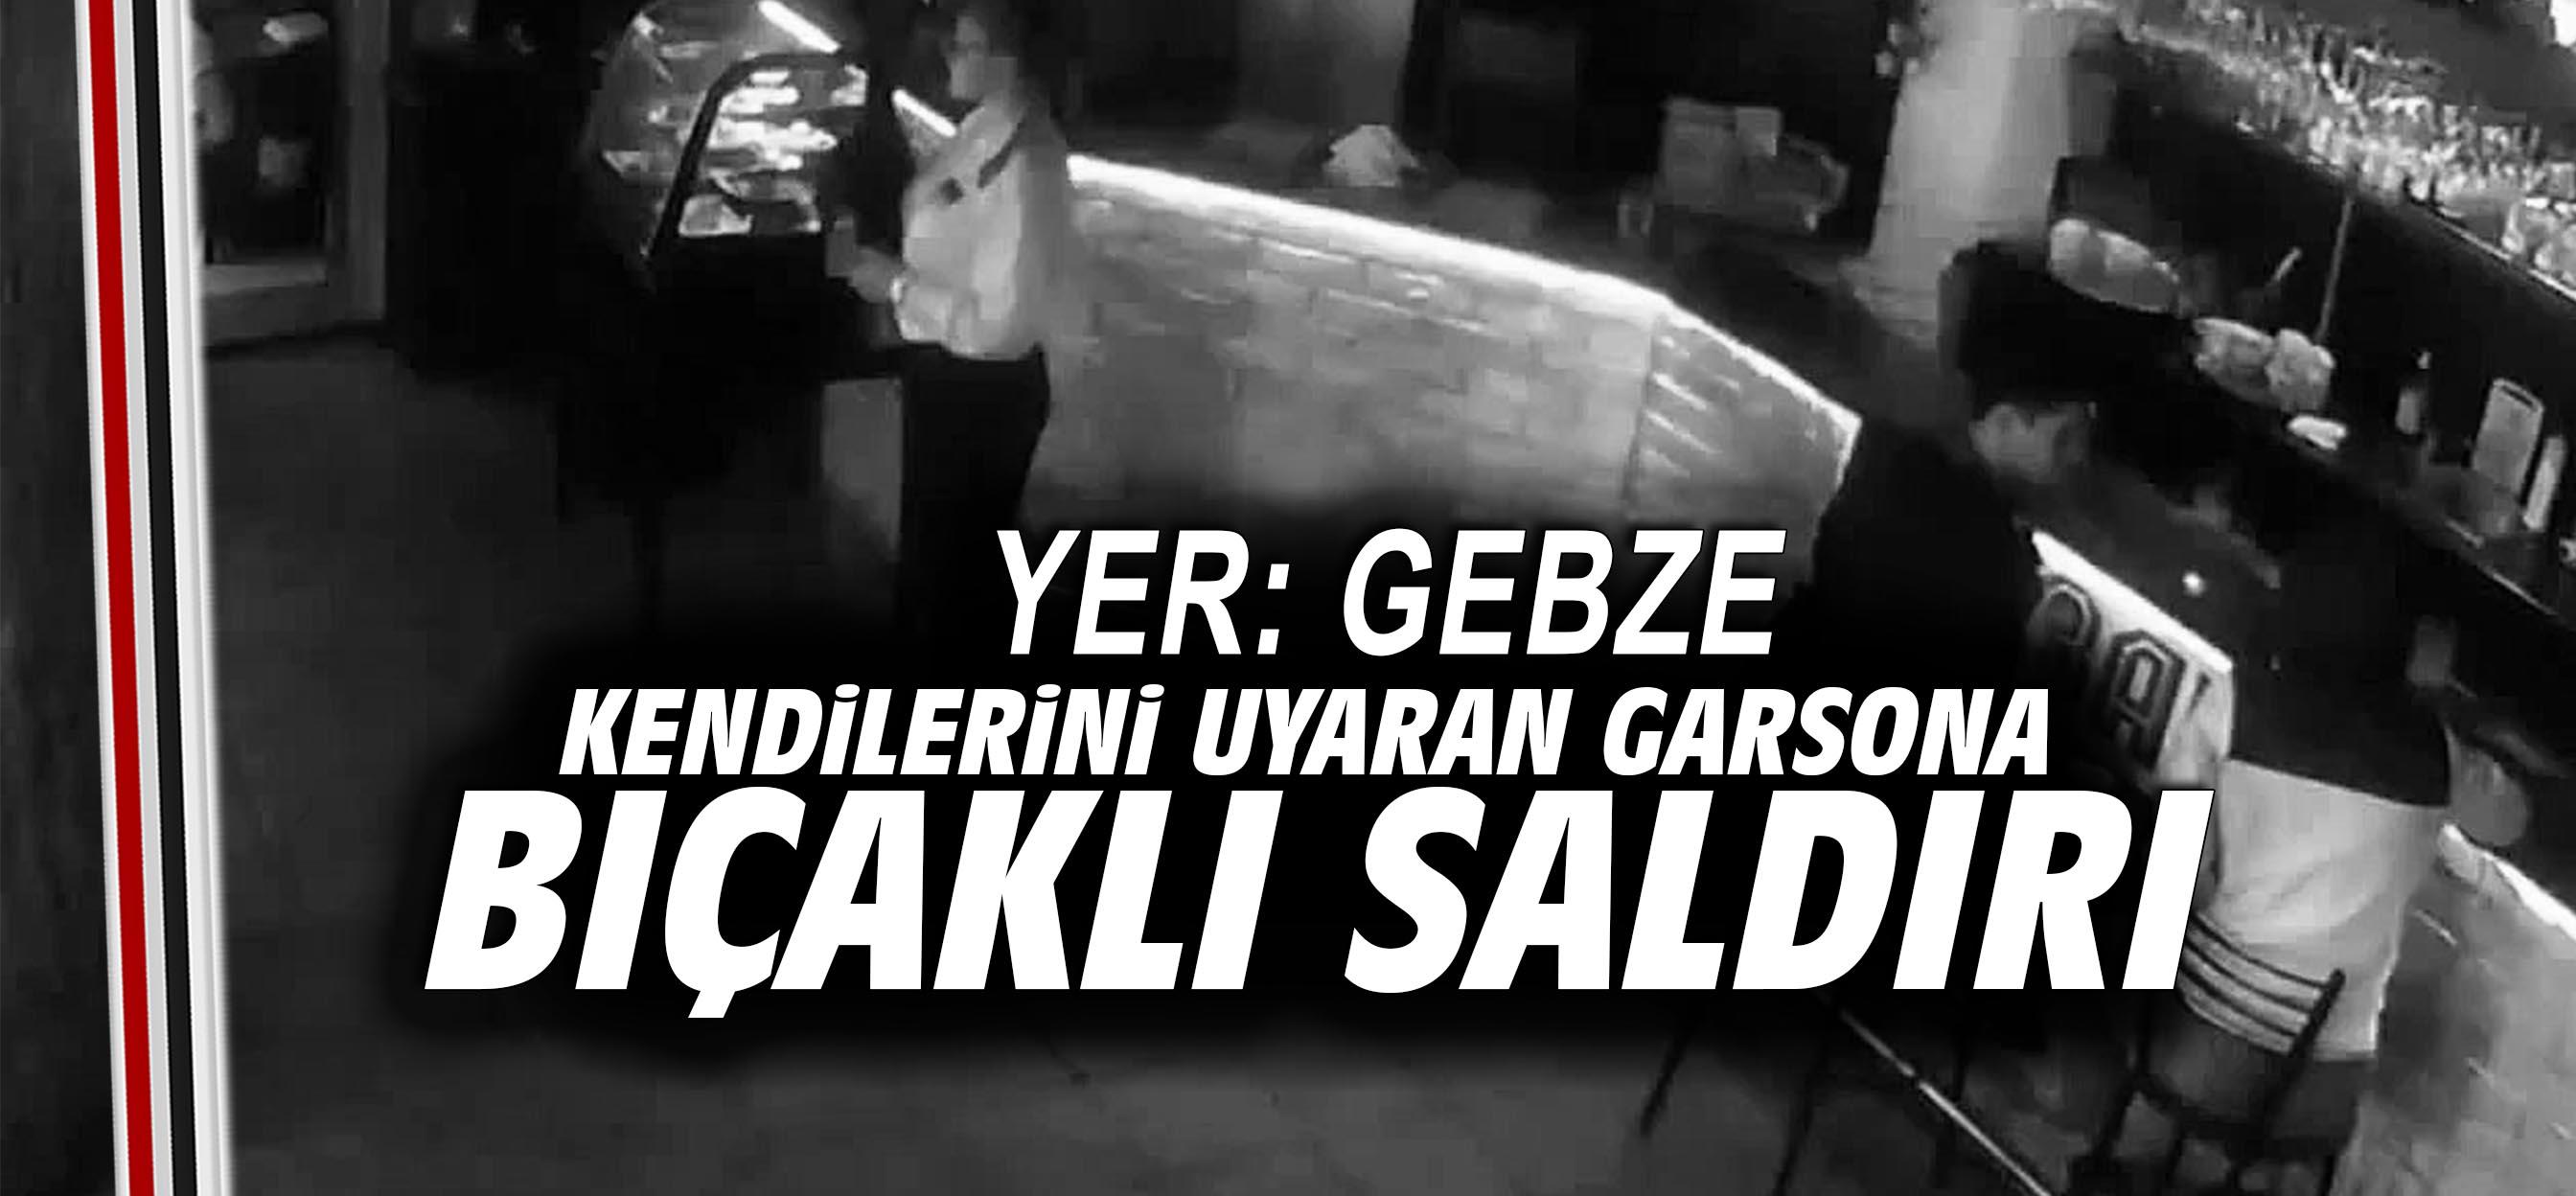 Gebze'de garsona bıçaklı saldırı